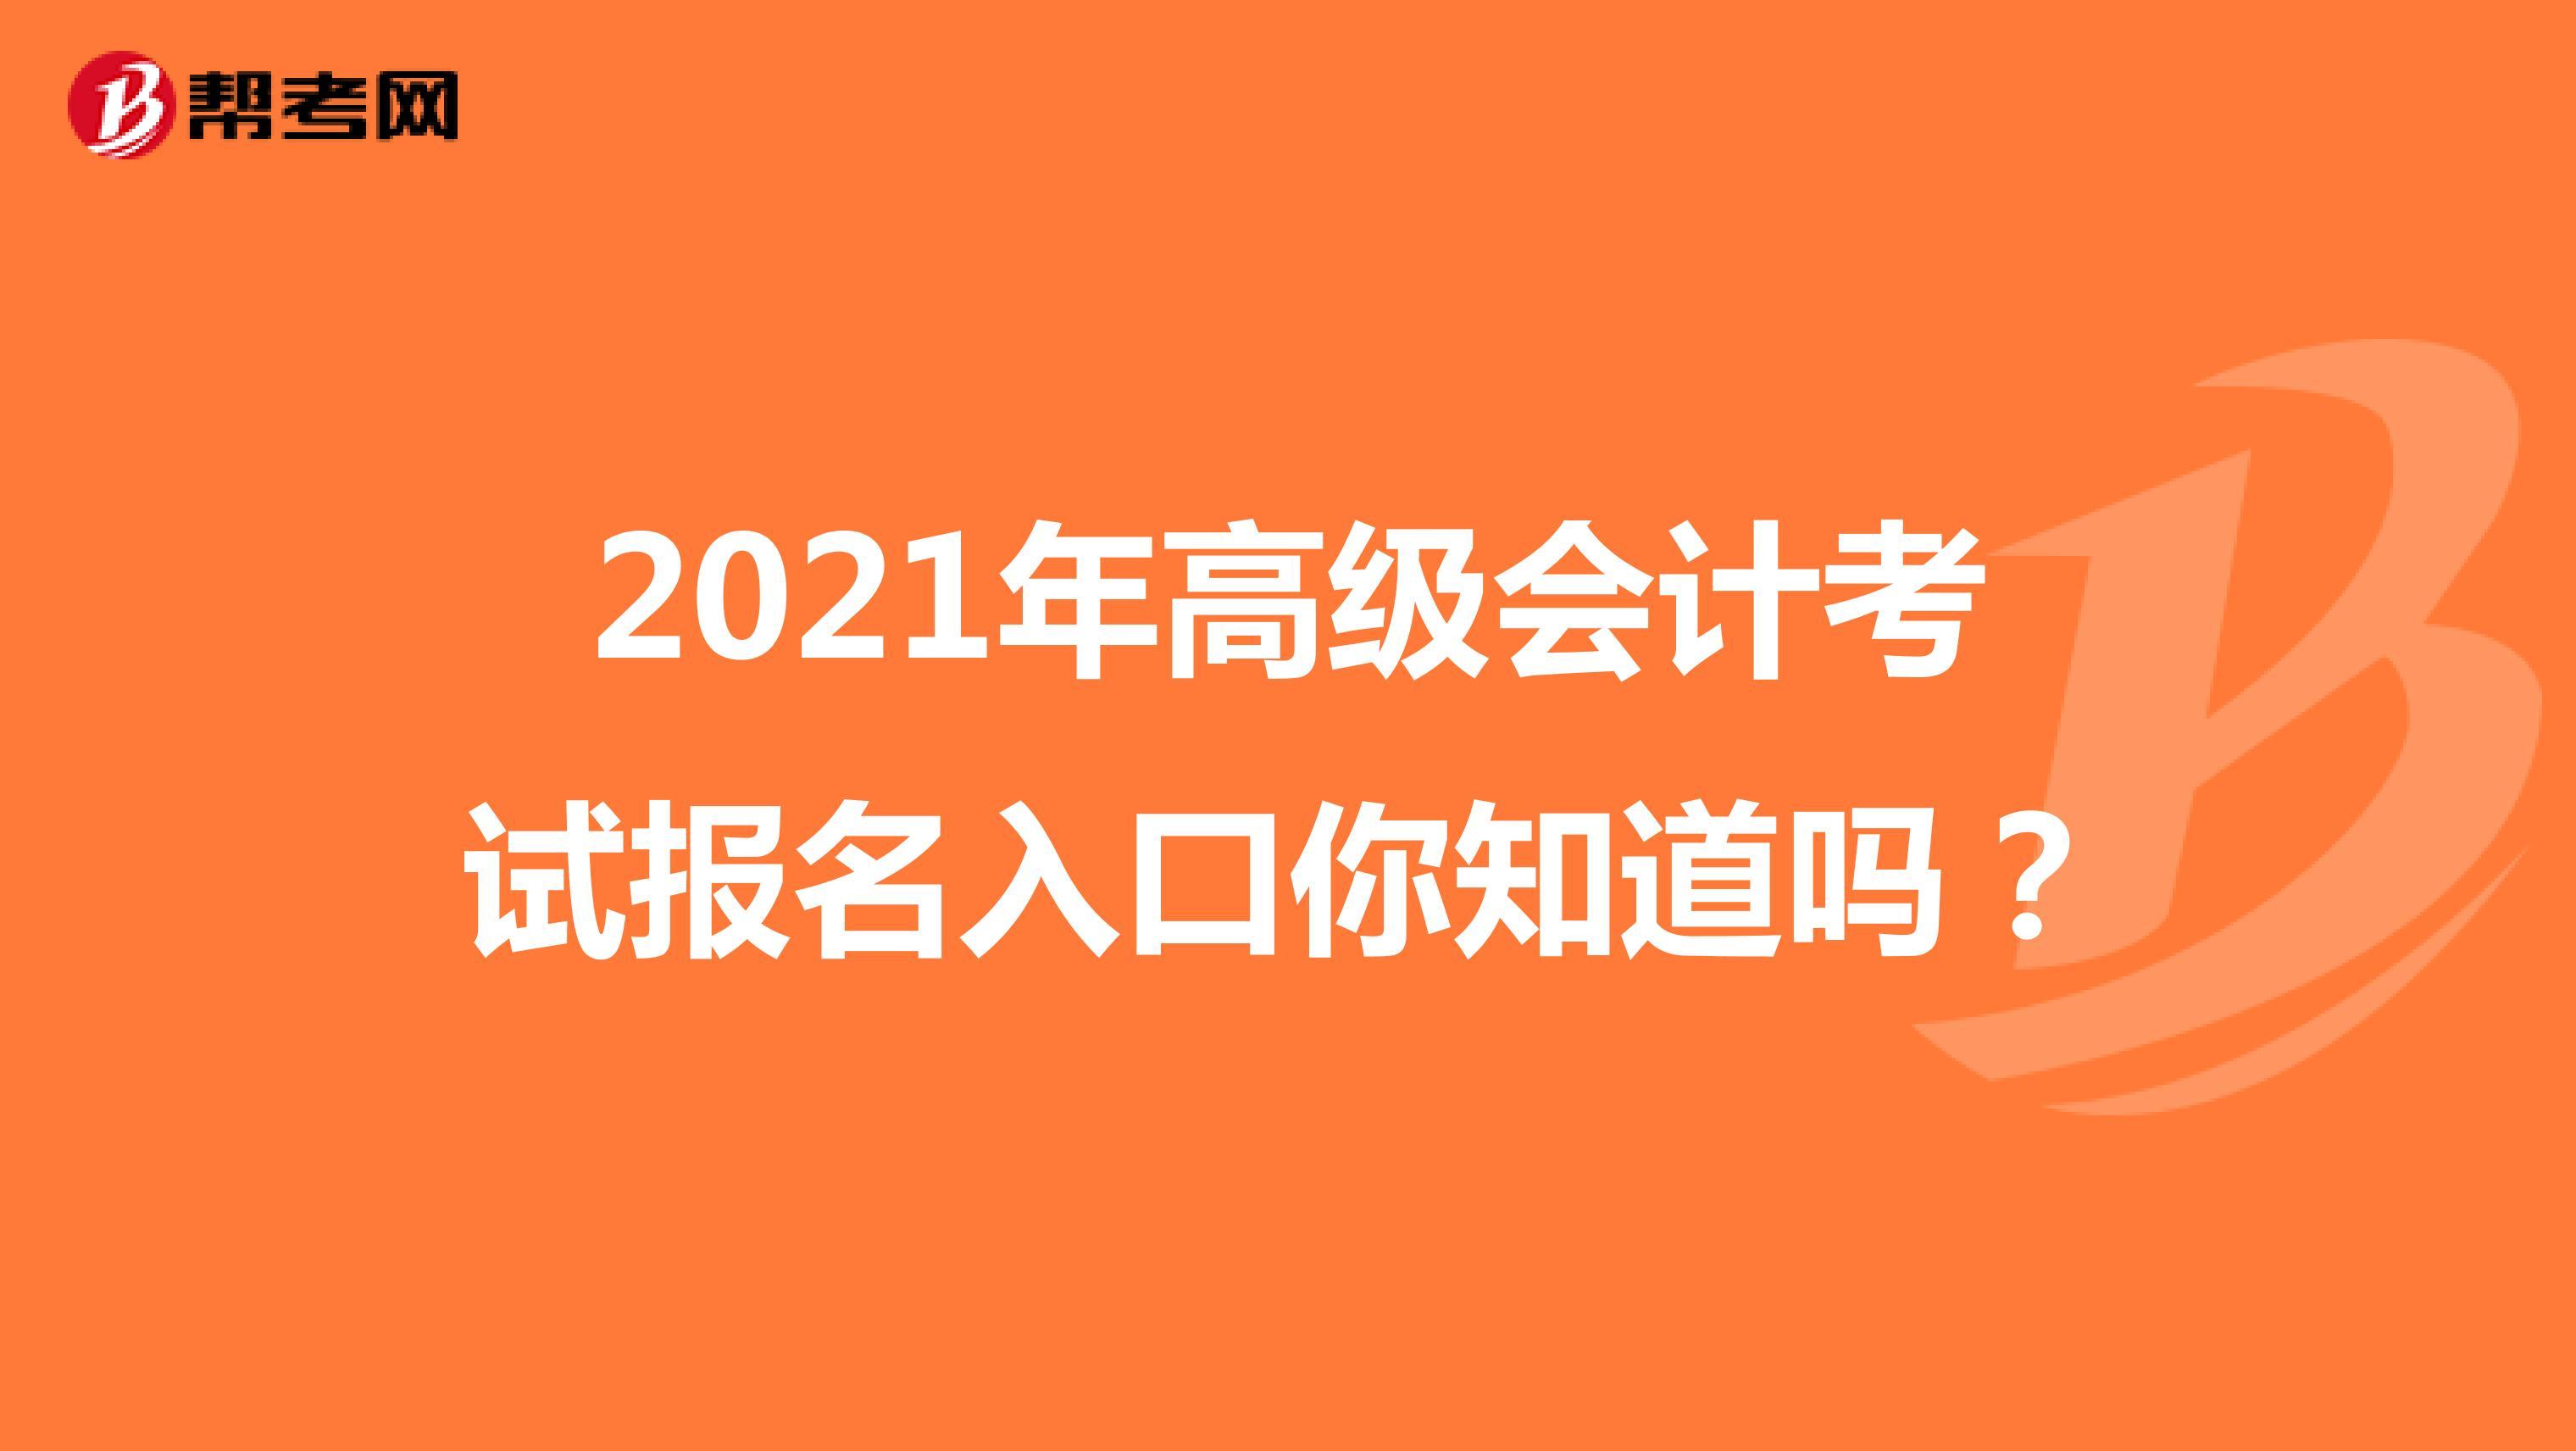 2021年高级会计Beplay官方报名入口你知道吗?